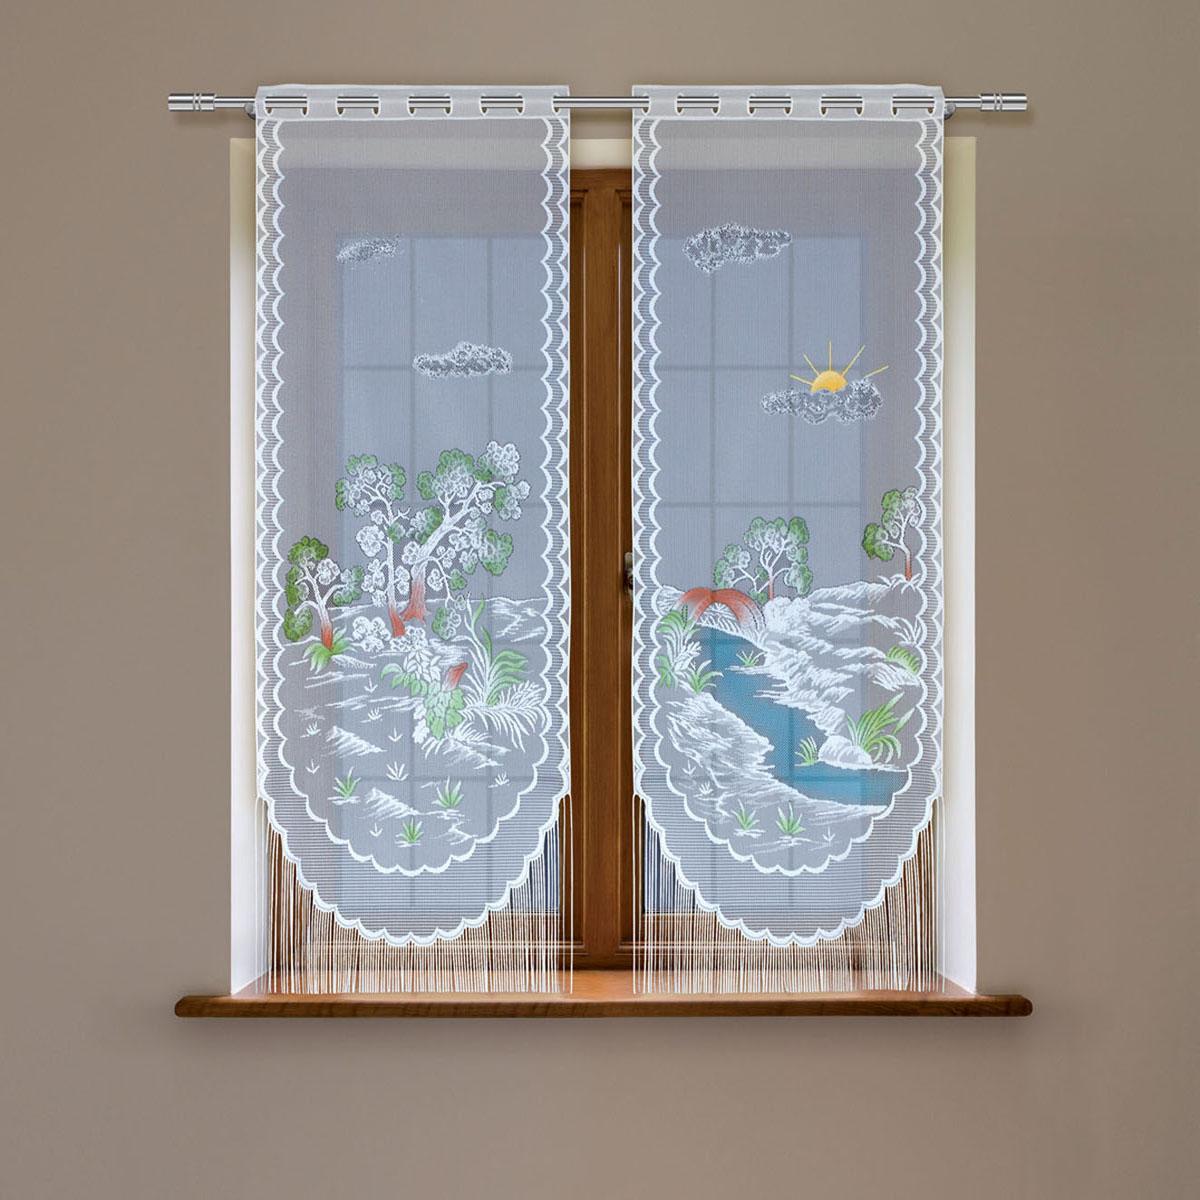 Гардина Haft, цвет: белый, высота 120 см200423/137Гардина имеет в верхней части полотна прорези, через которые гардина-витраж вывешивается на карниз или можно крепить на зажим для штор,котрый в комплект не входит.Комплект состоит из двух полотен (выс.120* шир.60) Размеры: (высота 120* ширина 60)*2